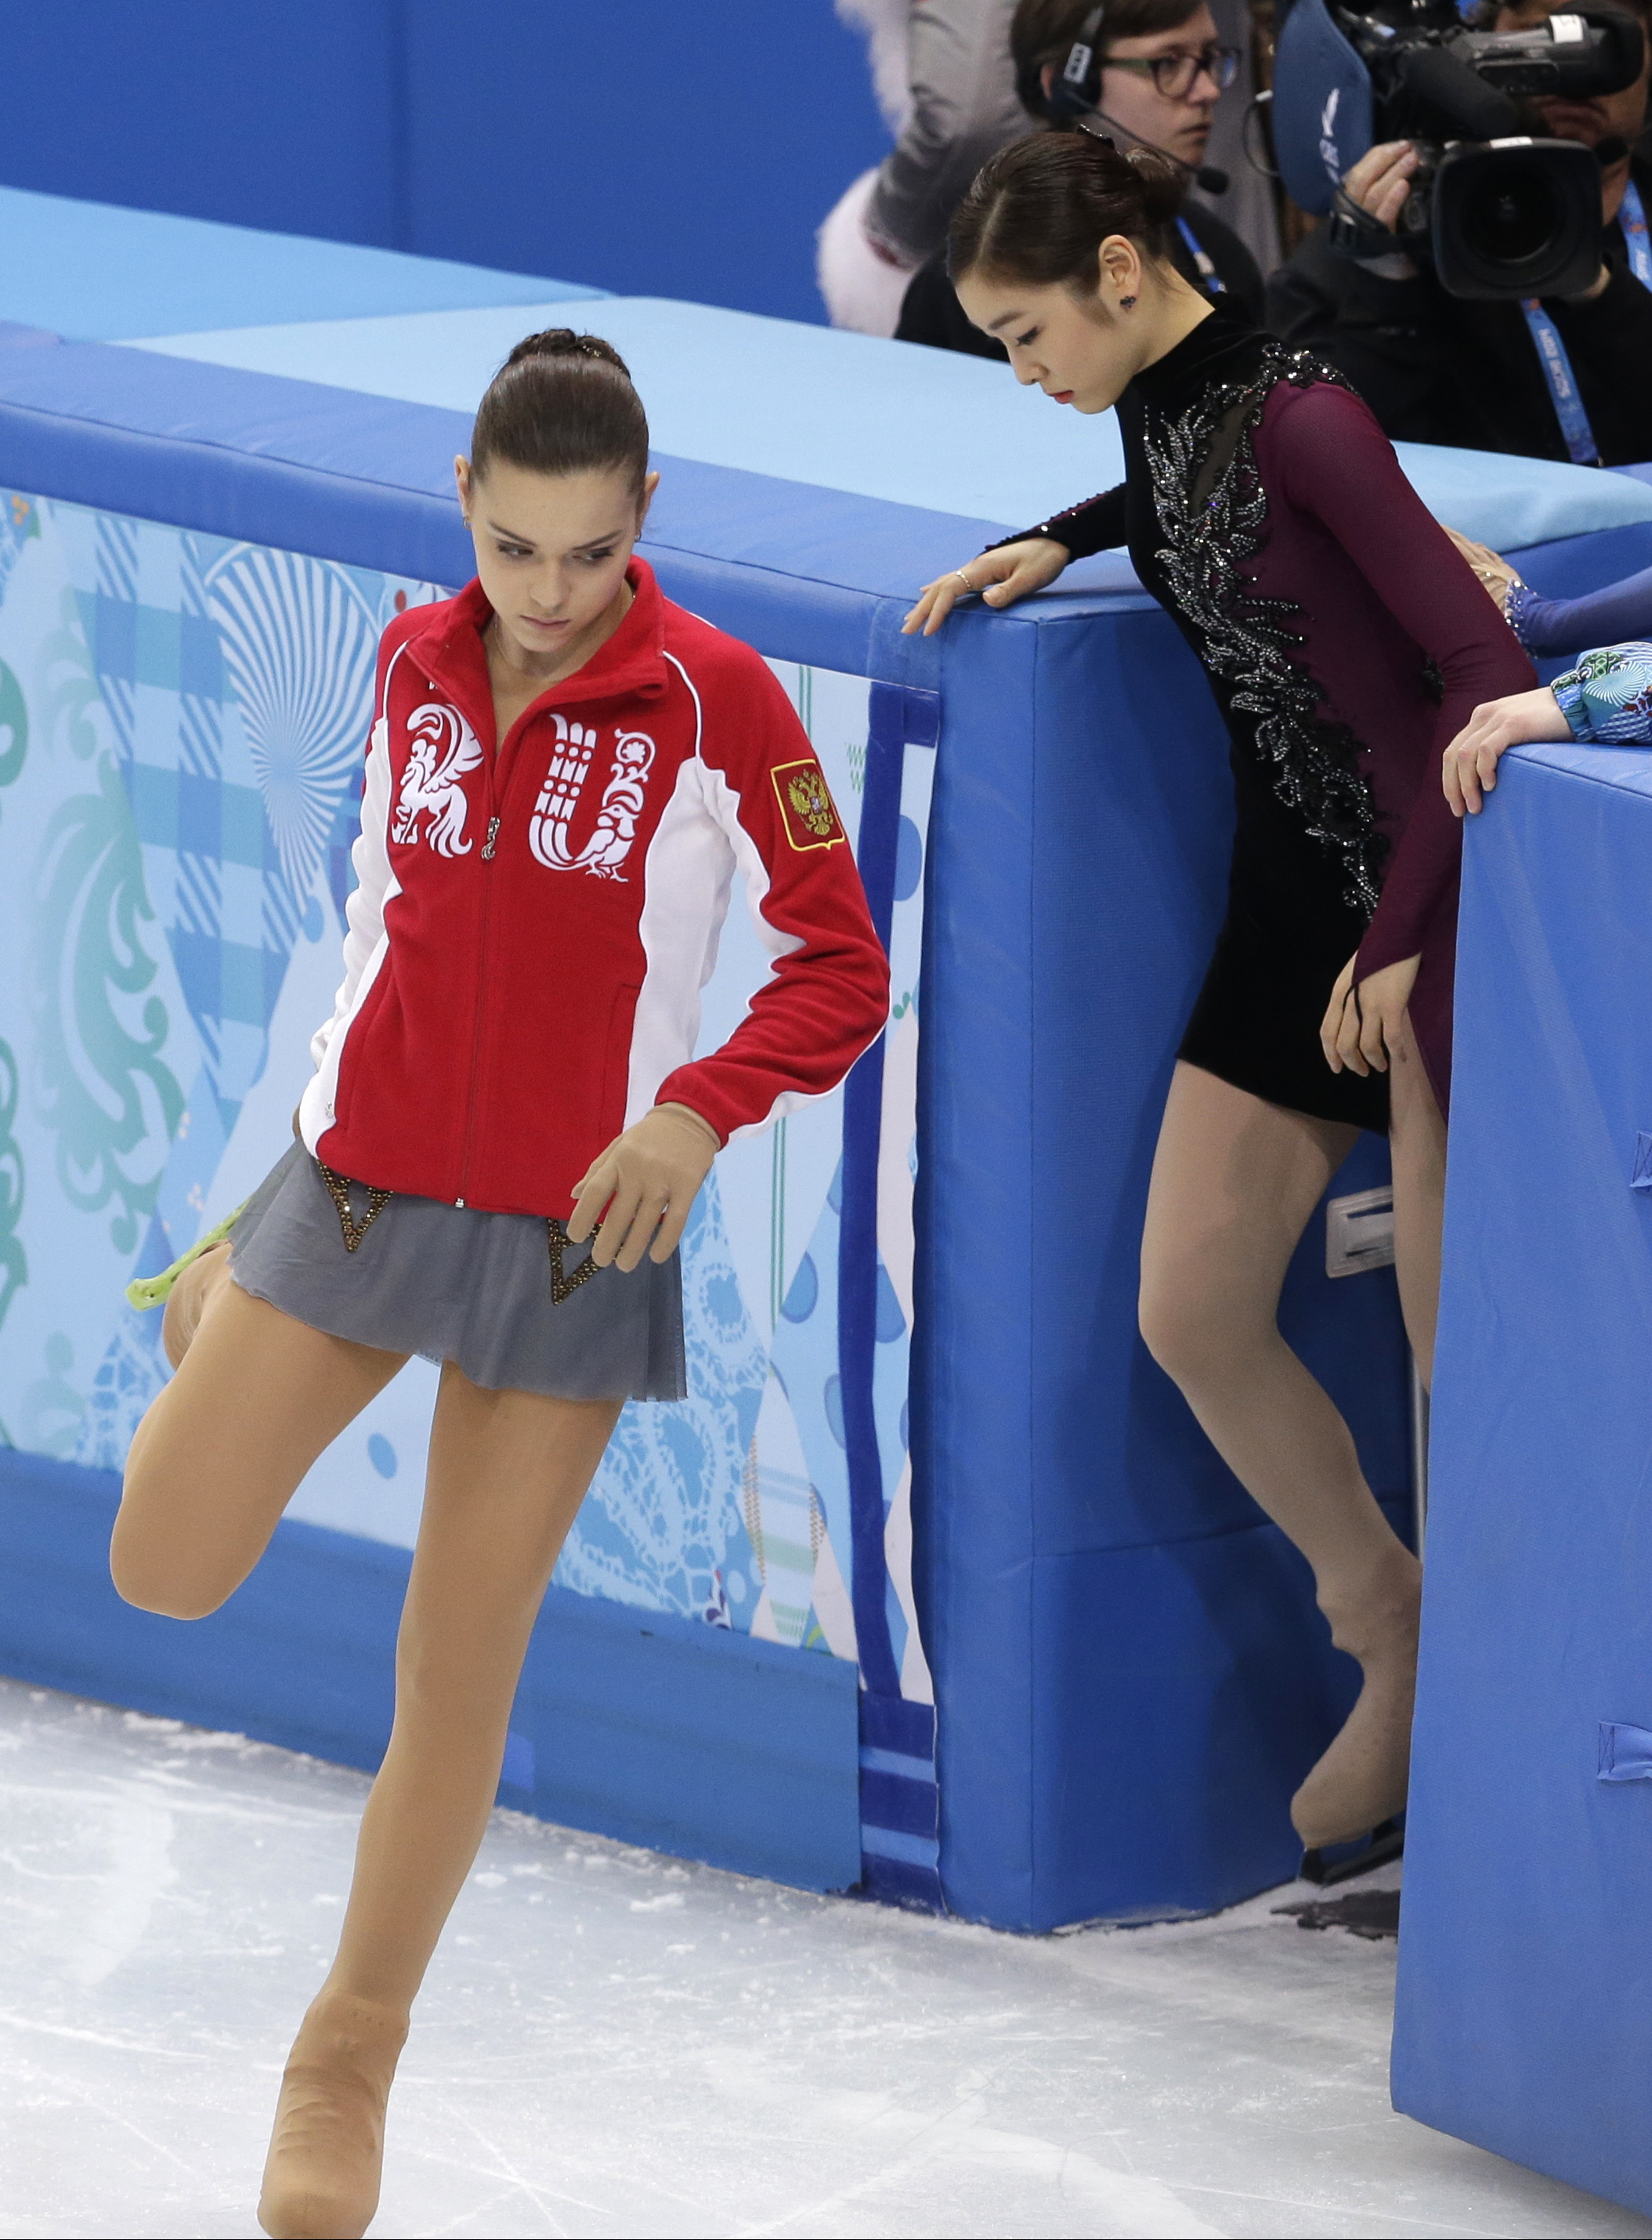 Аделина Сотникова  российская фигуристка олимпийская